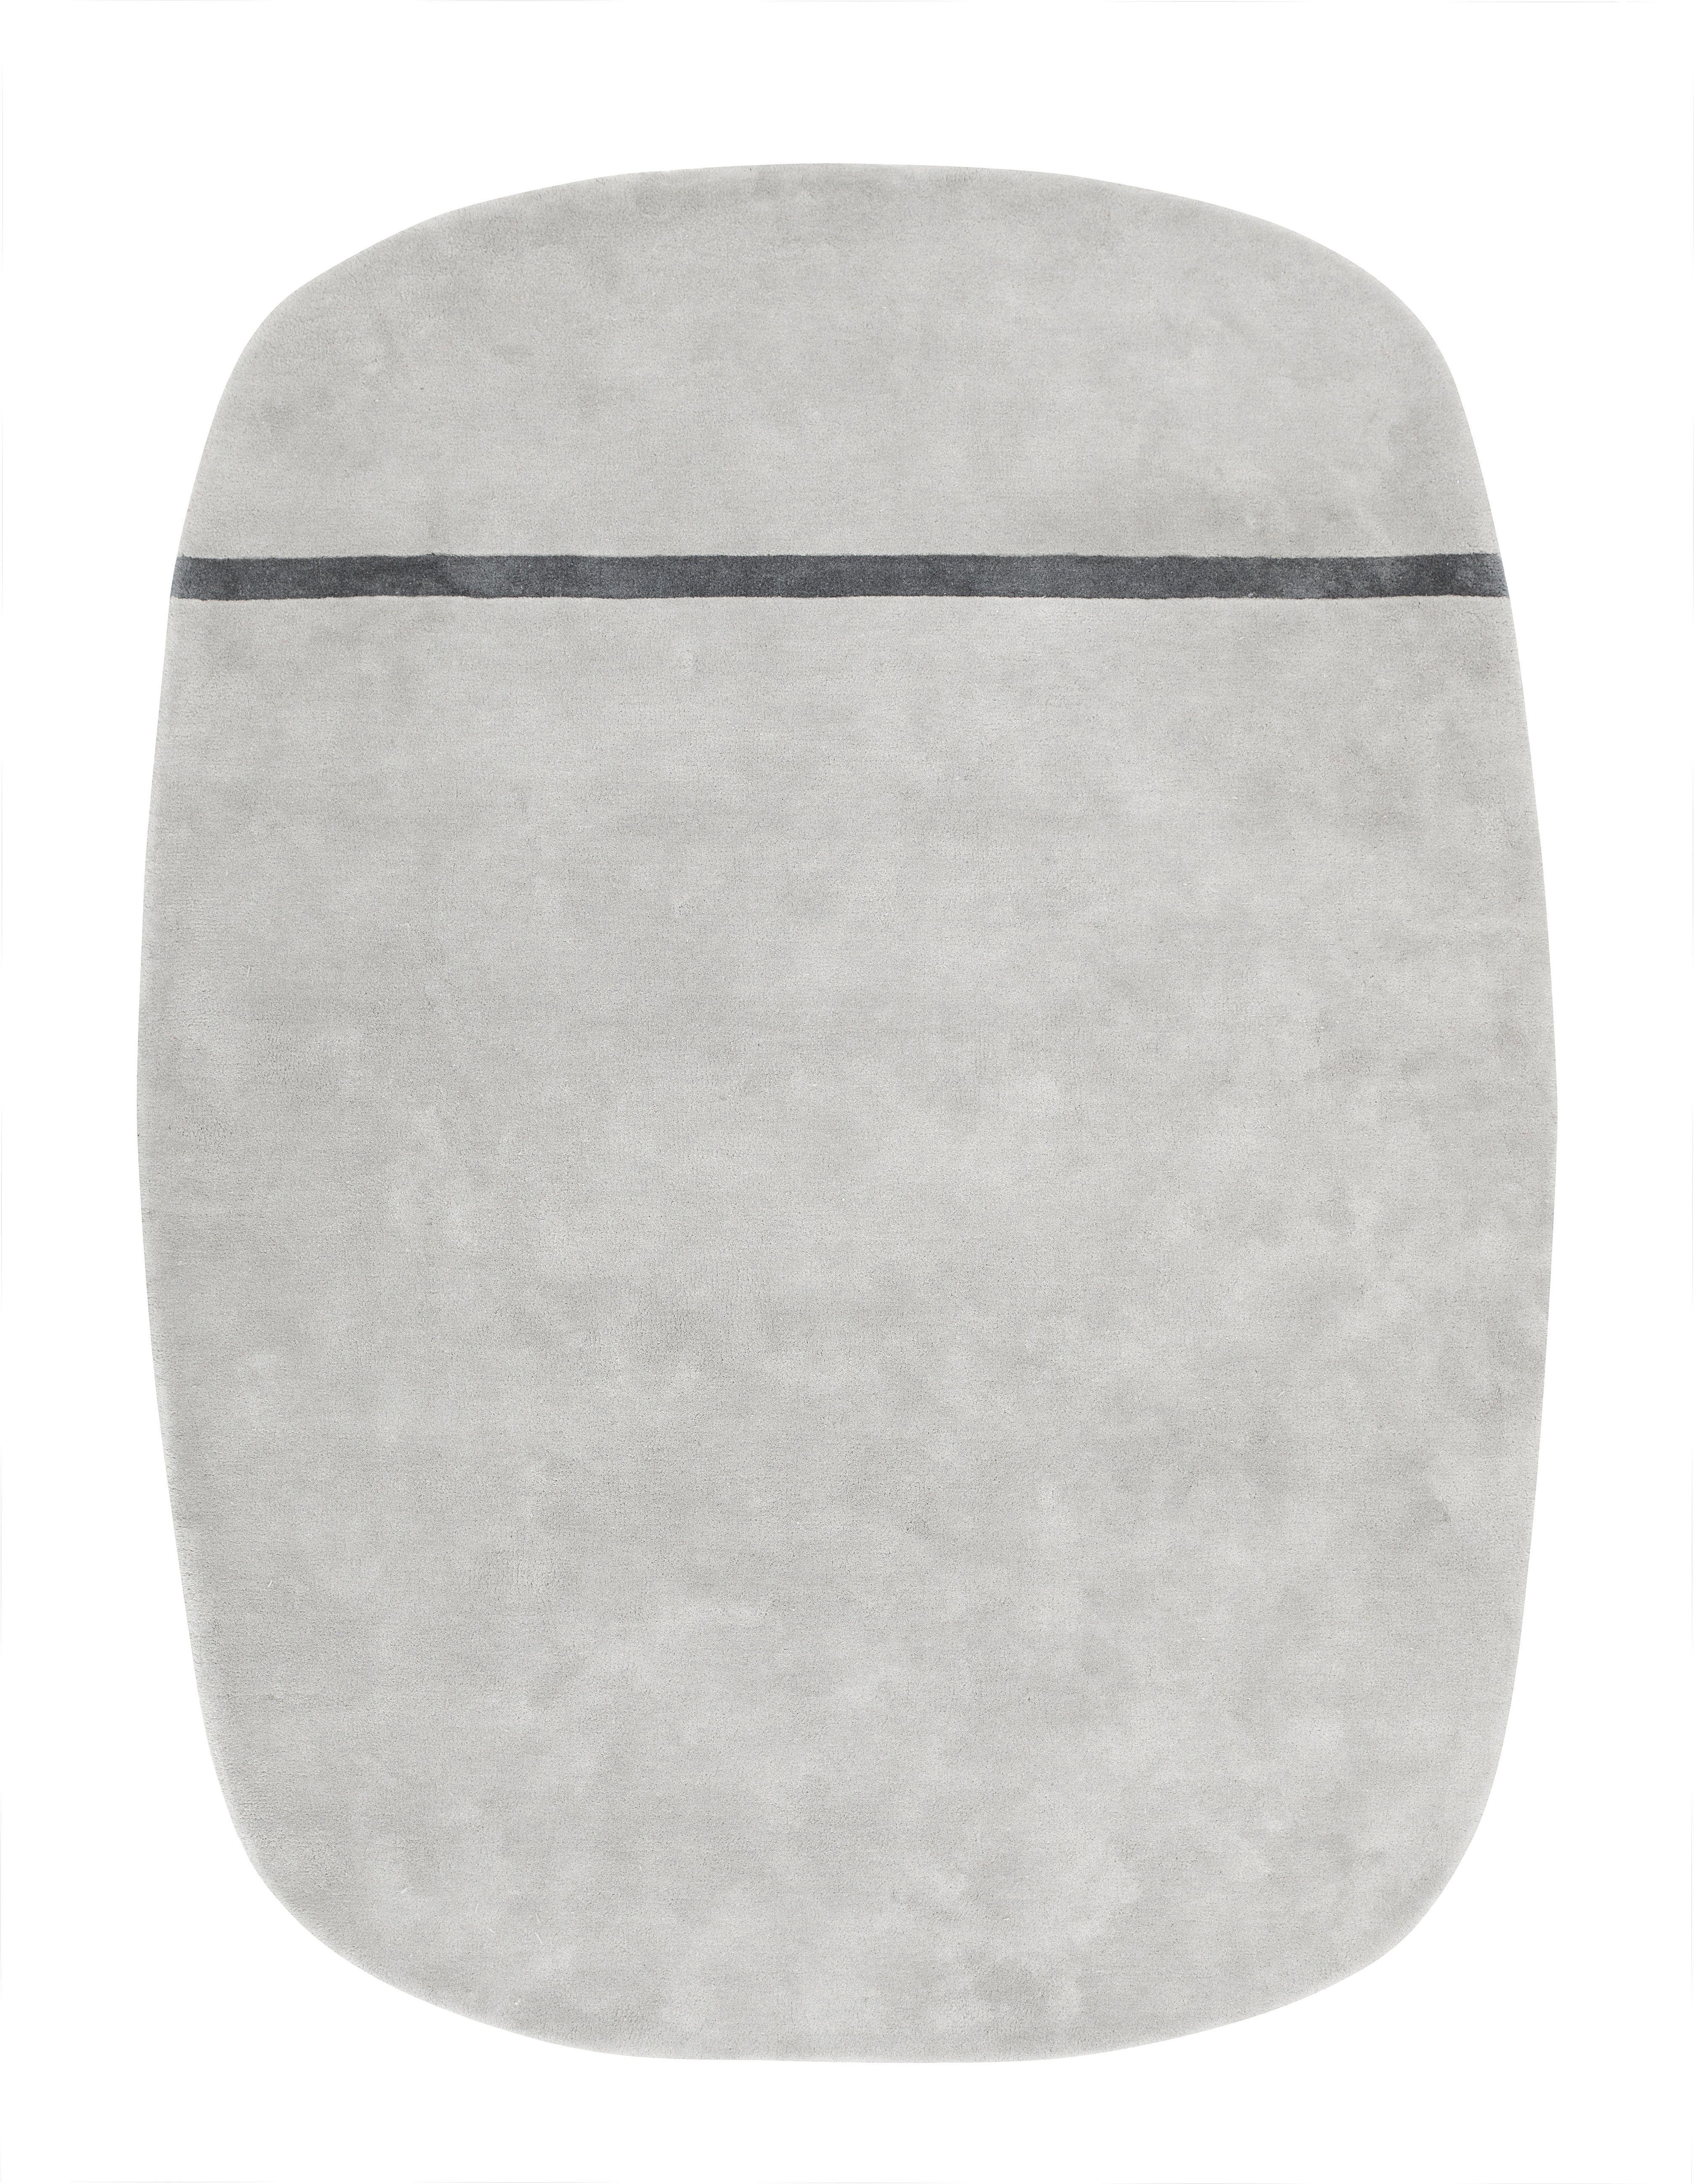 Normann Copenhagen Oona vloerkleed grijs large 240x175 kopen